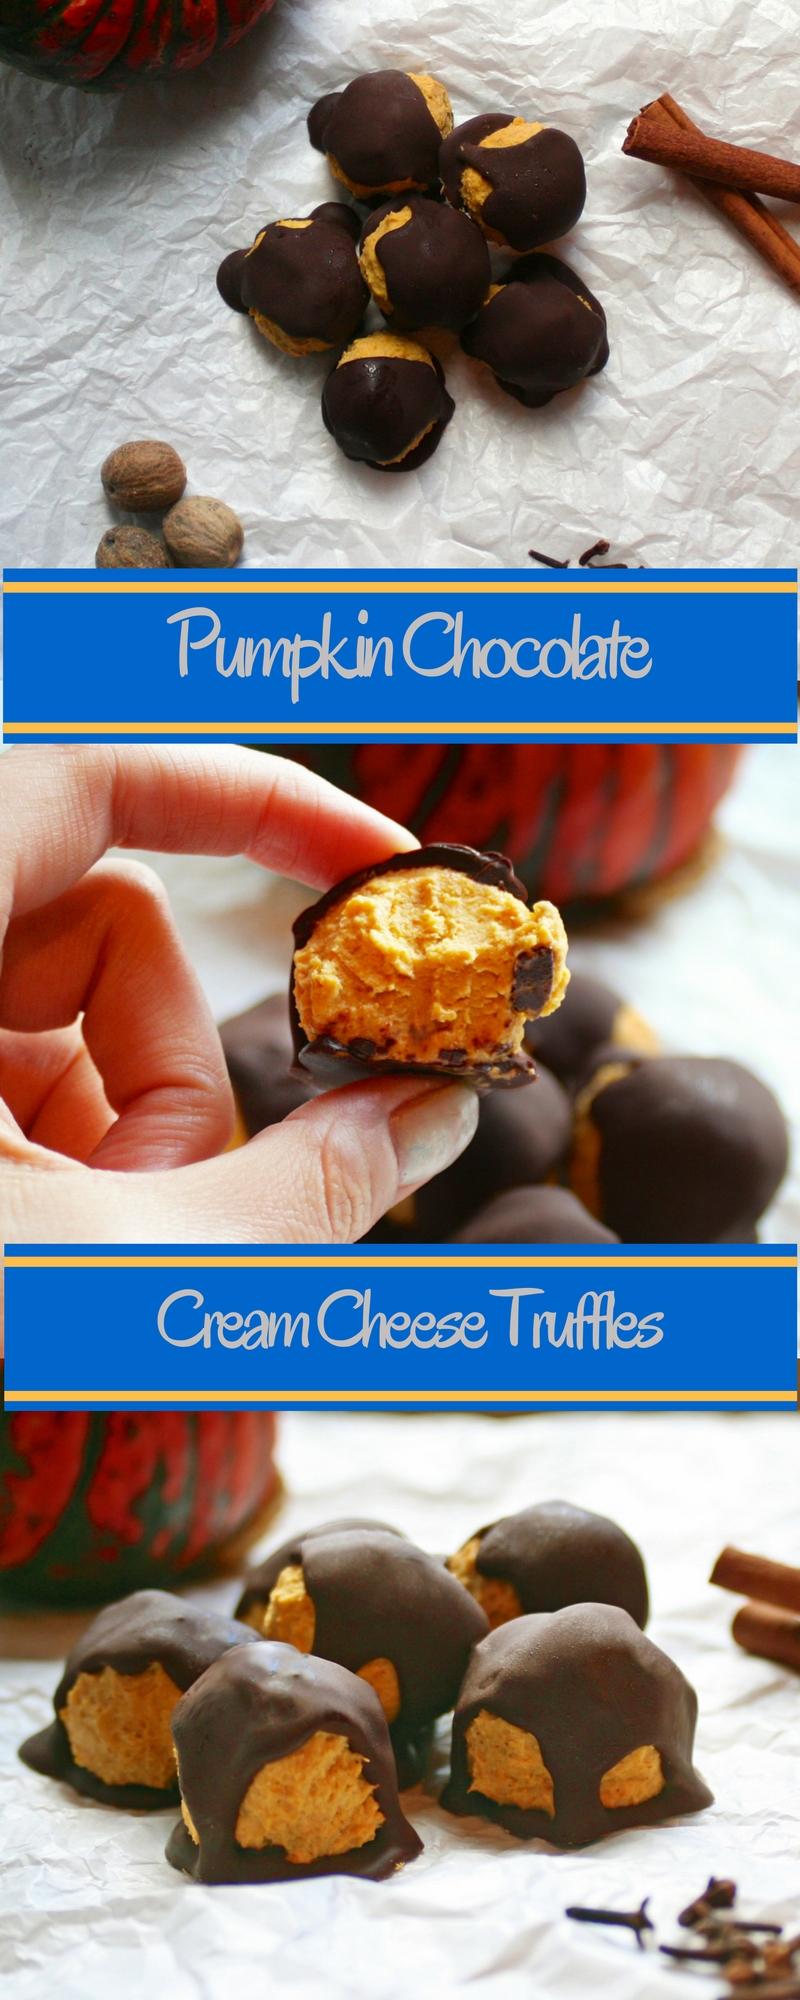 Pumpkin Chocolate Cream Cheese Truffles.jpg